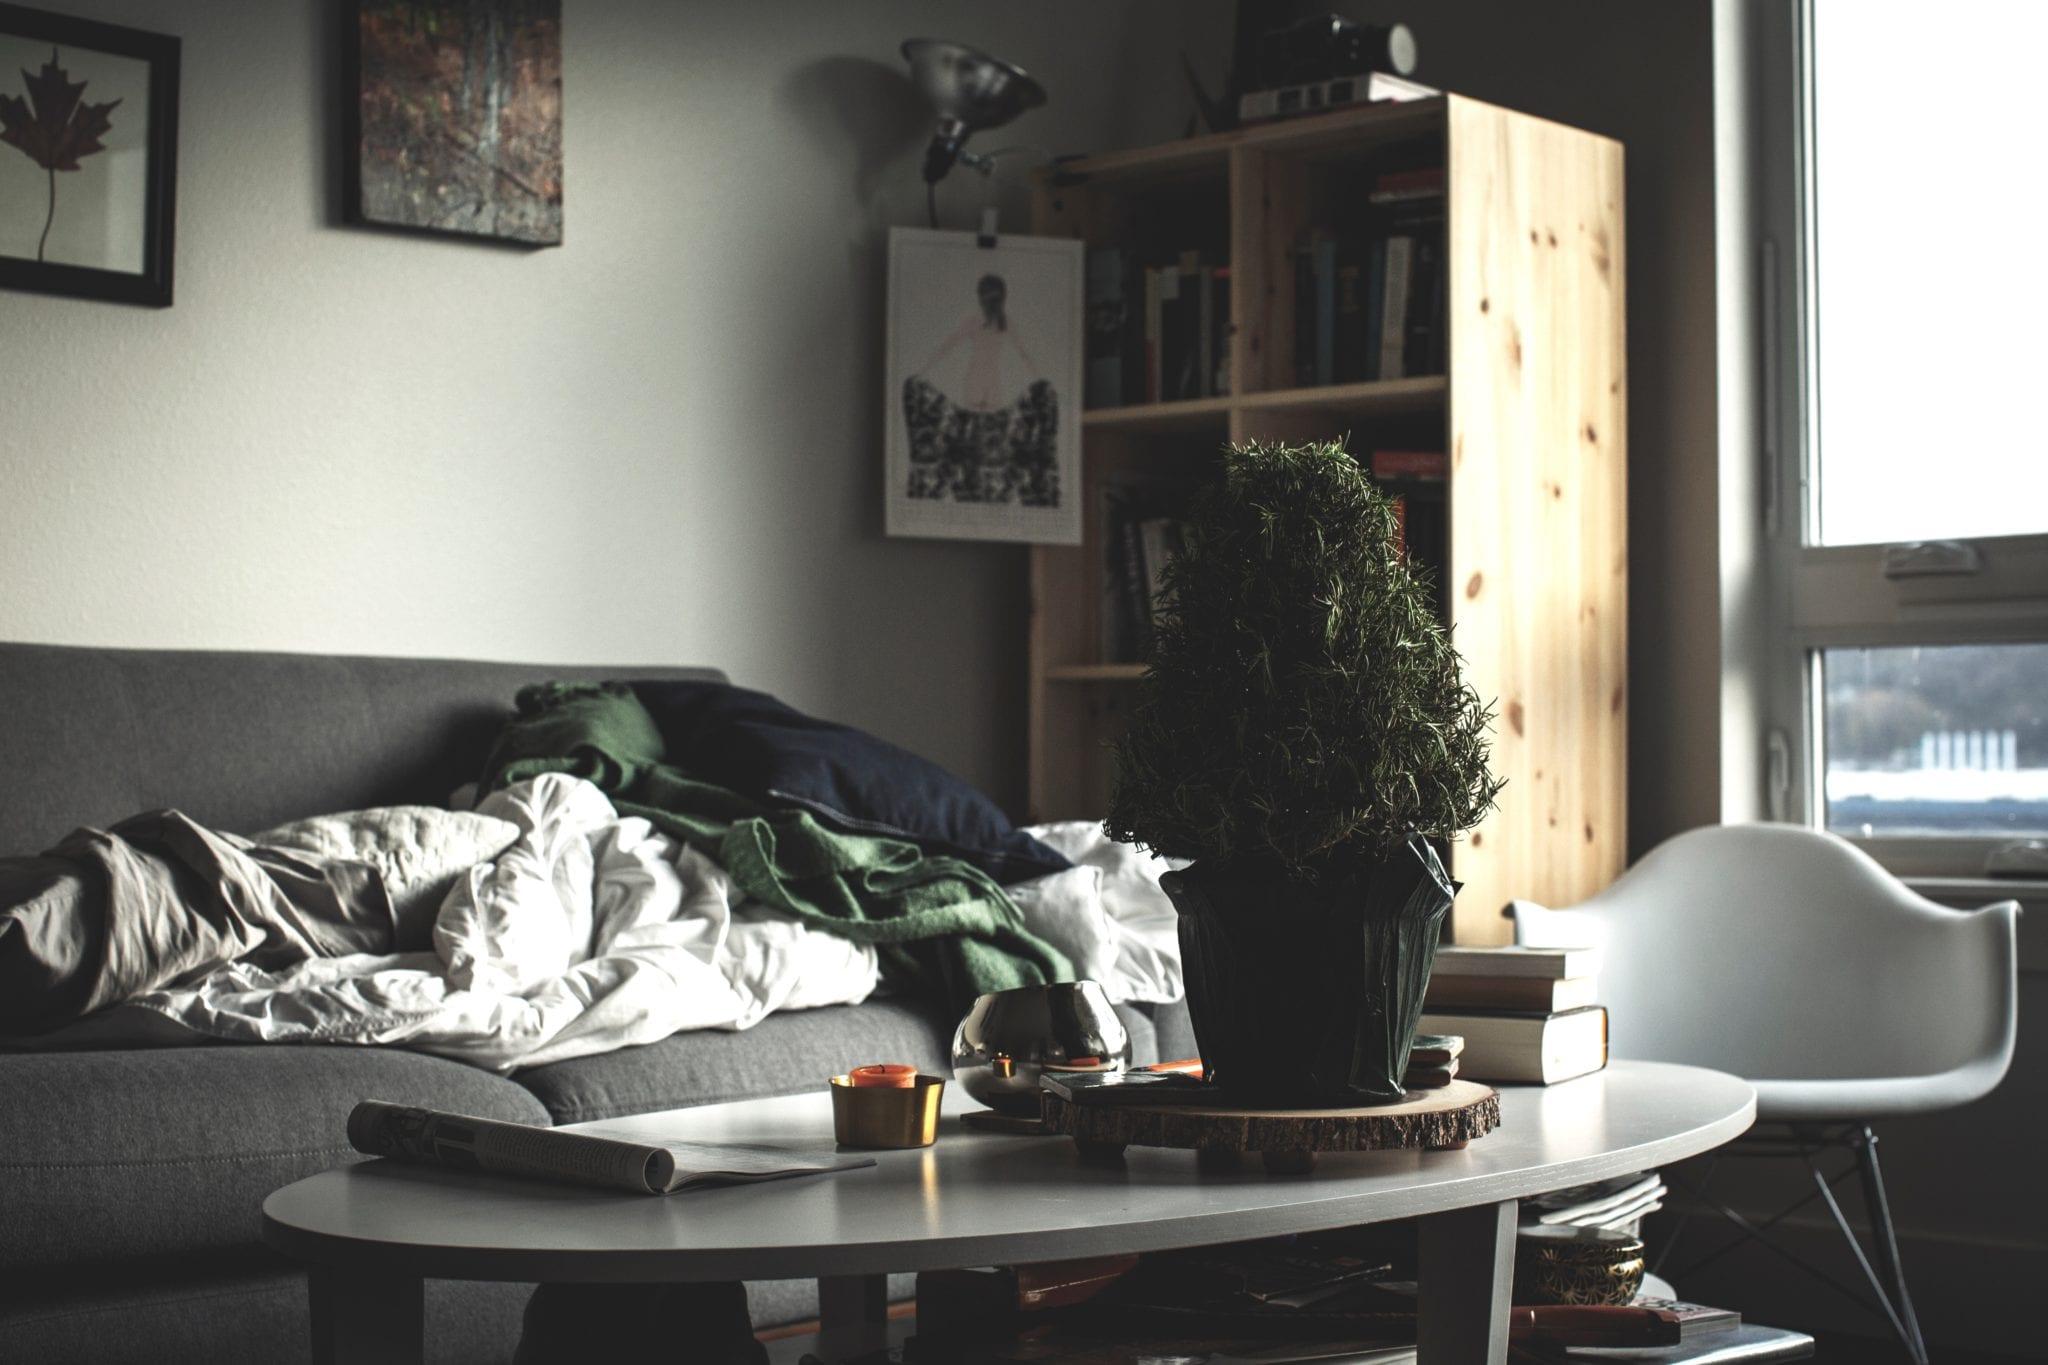 ตกแต่งบ้าน, จัดบ้านรับปีใหม่, จัดบ้าน, ตู้เก็บของ